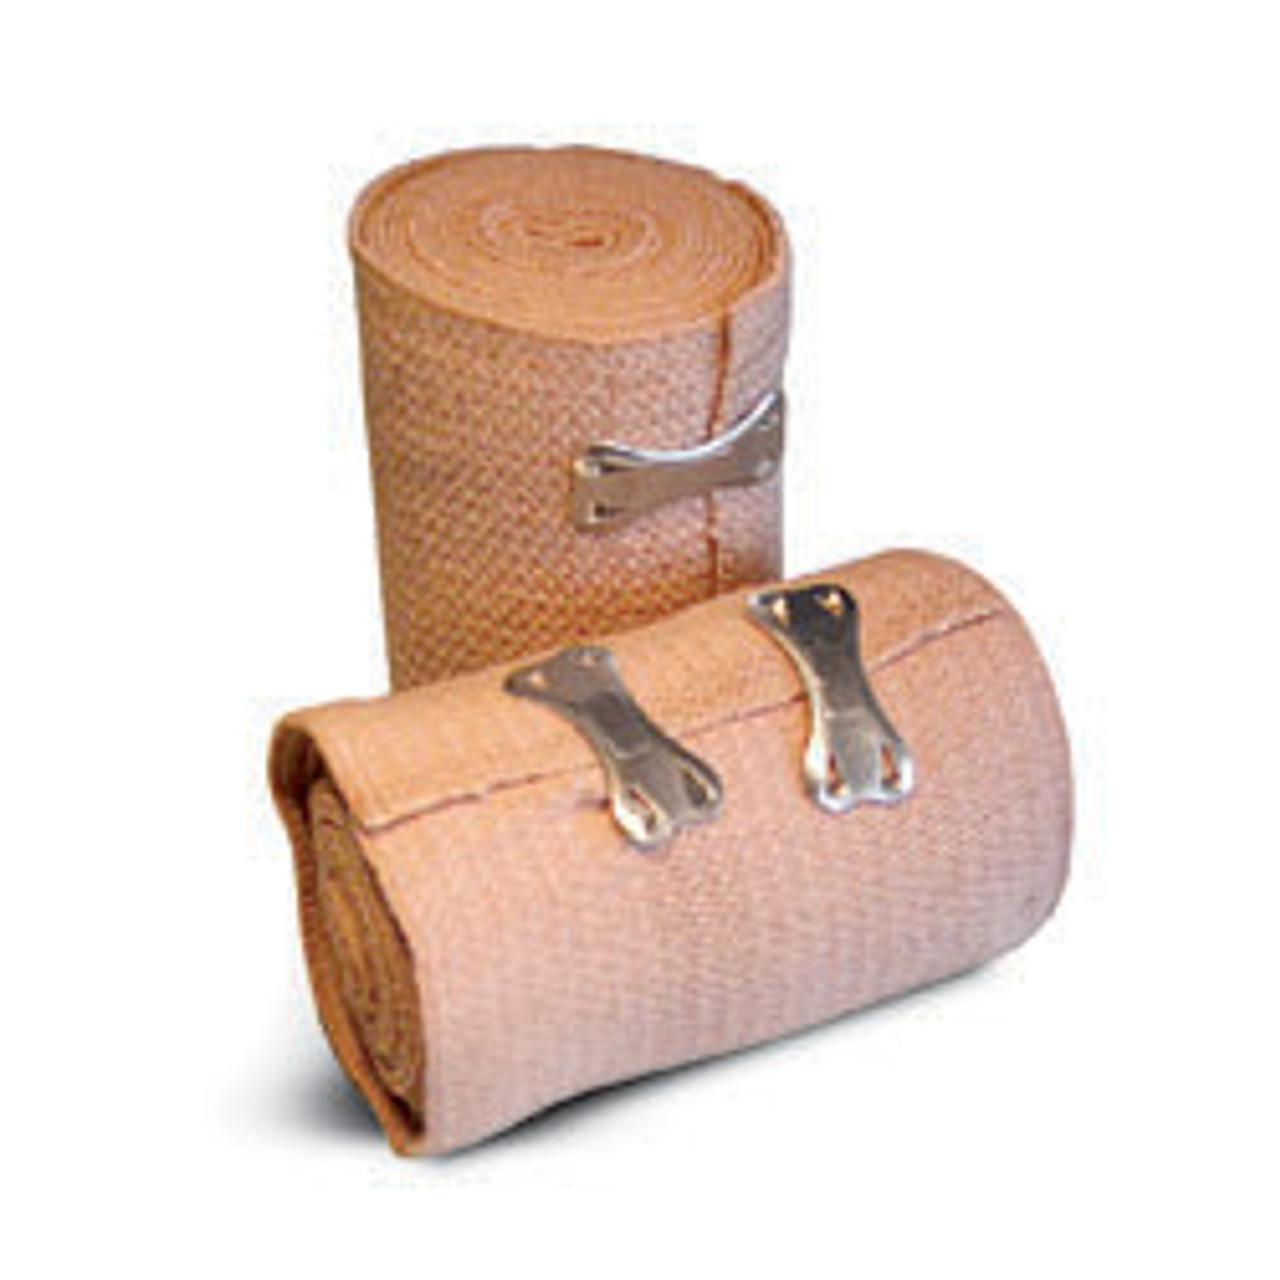 Elastic Bandage Wrap 2 X 4 5 Yds Armynavyoutdoors Com